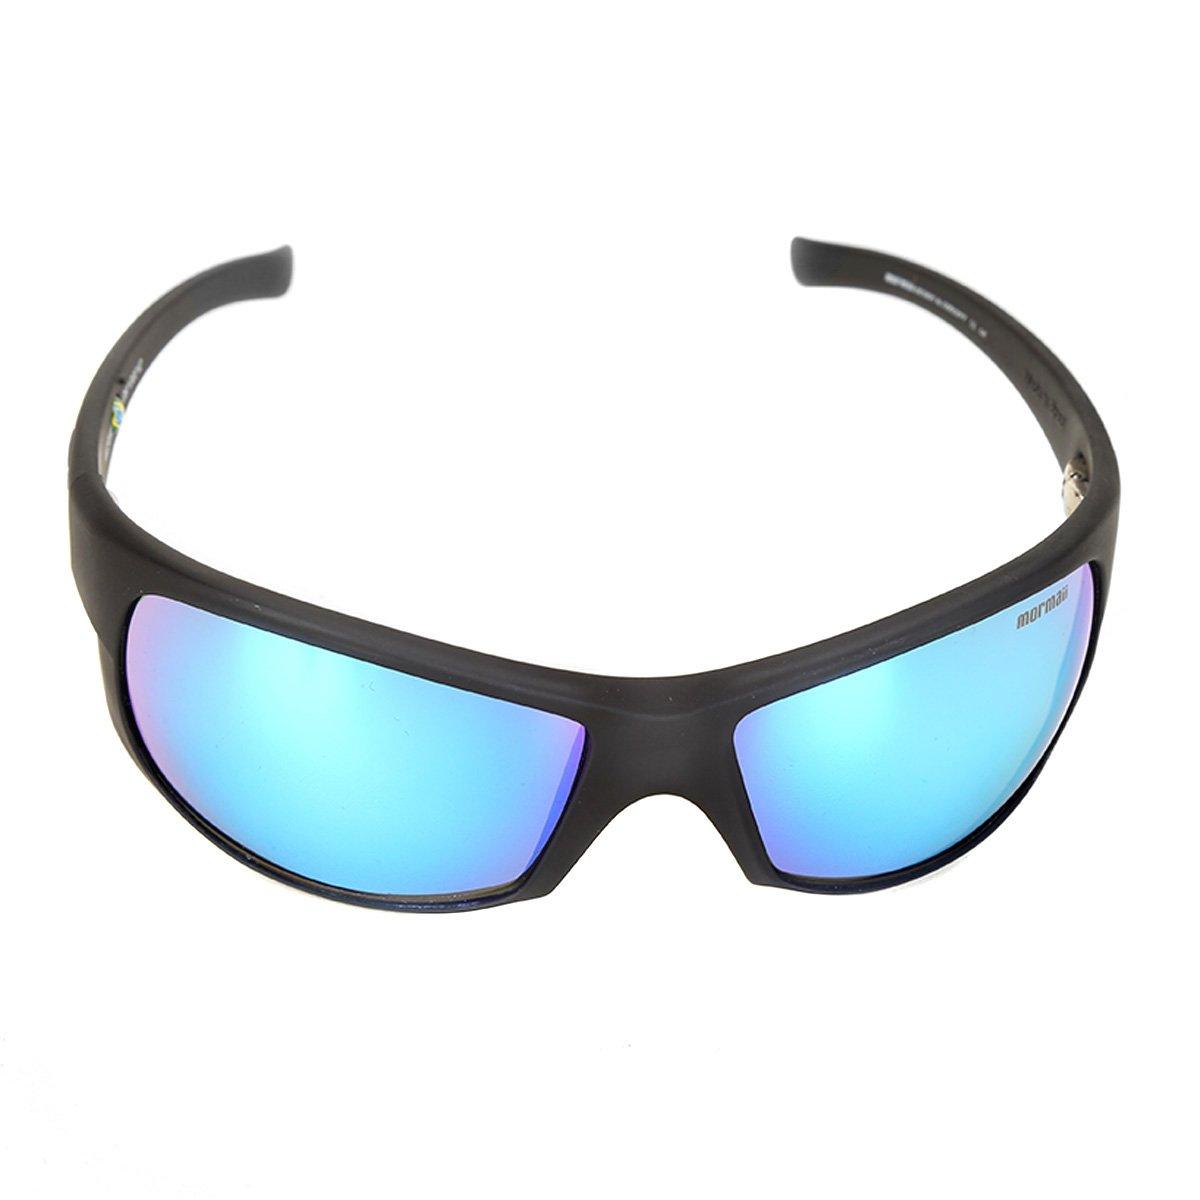 4ad4ee3805640 Óculos de Sol Mormaii 00287D2212 Lente Espelhada Masculino - Preto ...